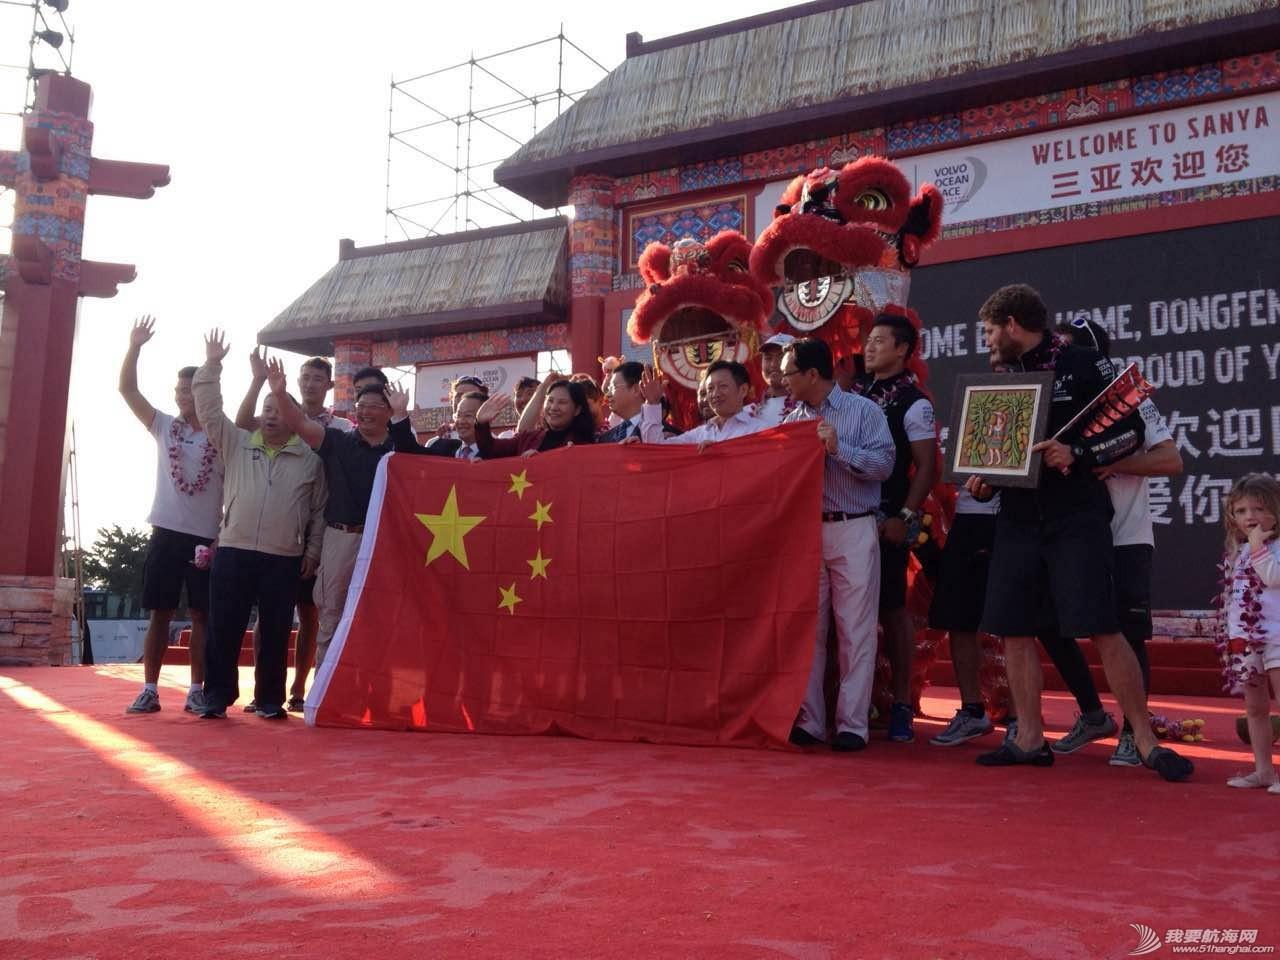 沃尔沃环球帆船赛东风队回家,第一个冲线! 3.pic.jpg